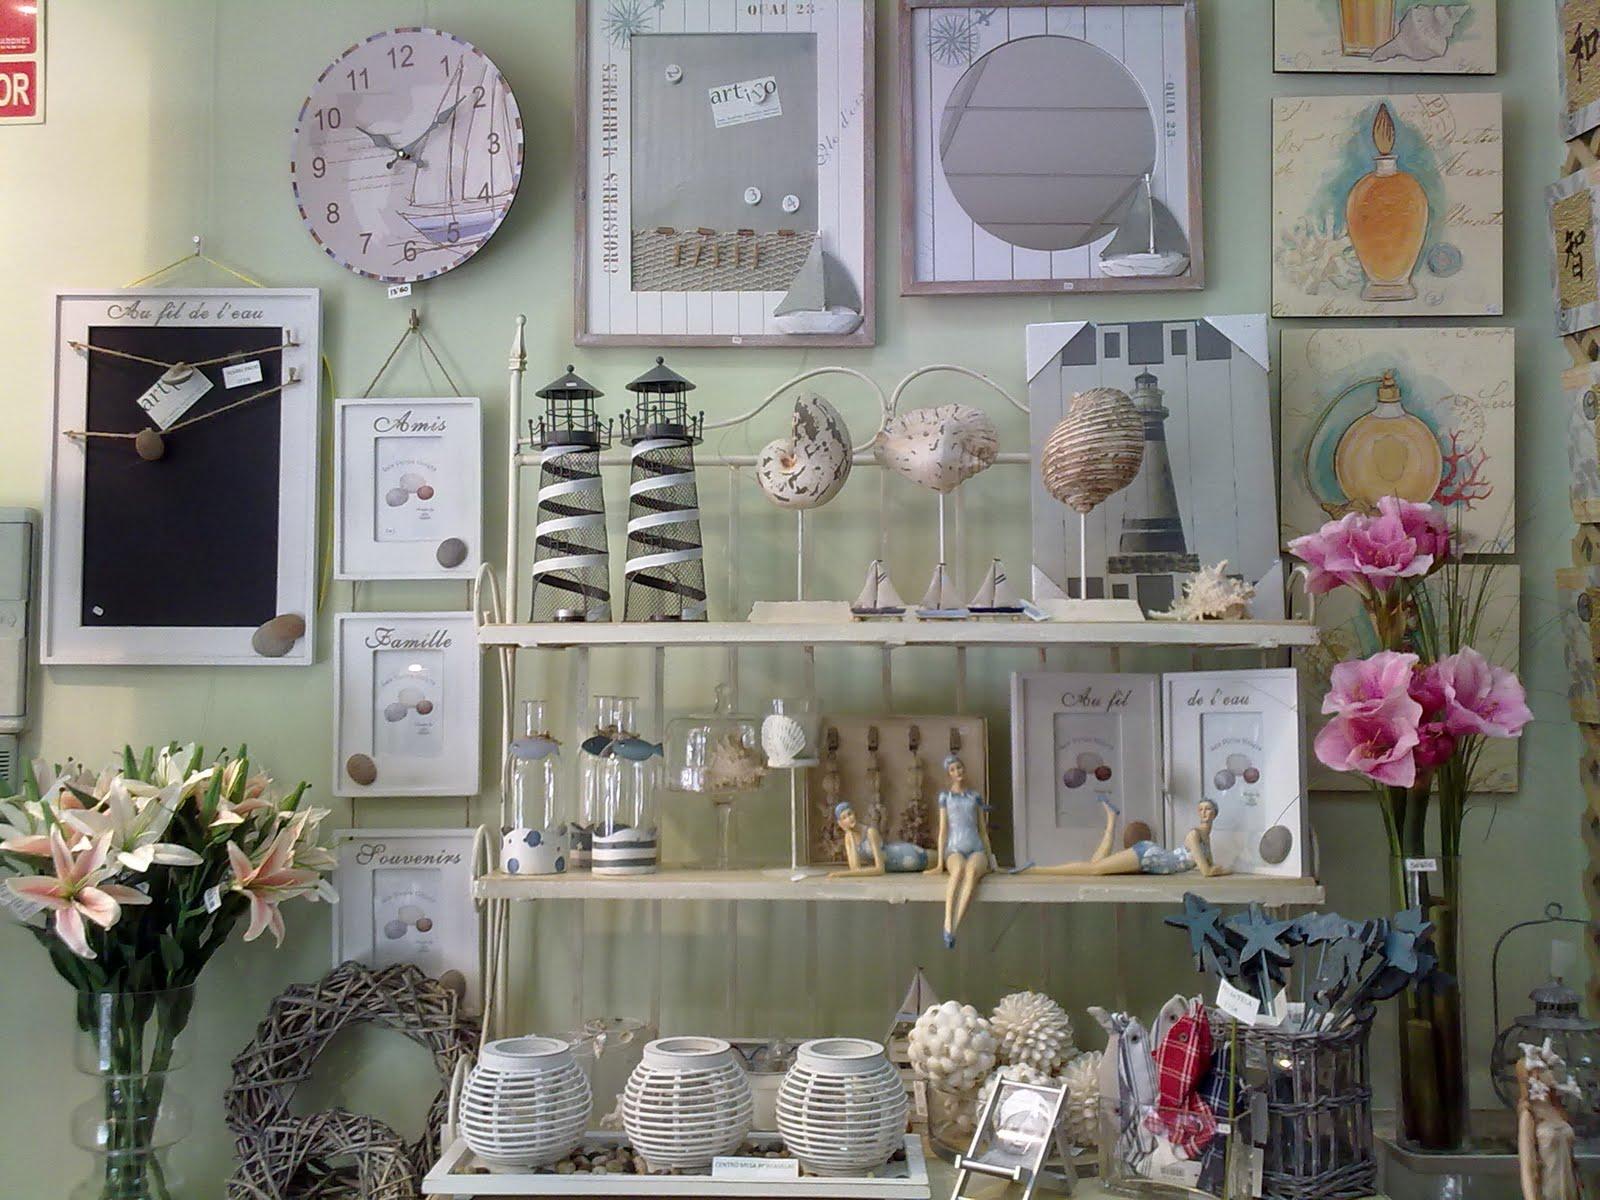 Decoraci n artico ideas y consejos con flores y plantas artificiales deco marinera verano 2010 - Decoracion relojes de pared ...